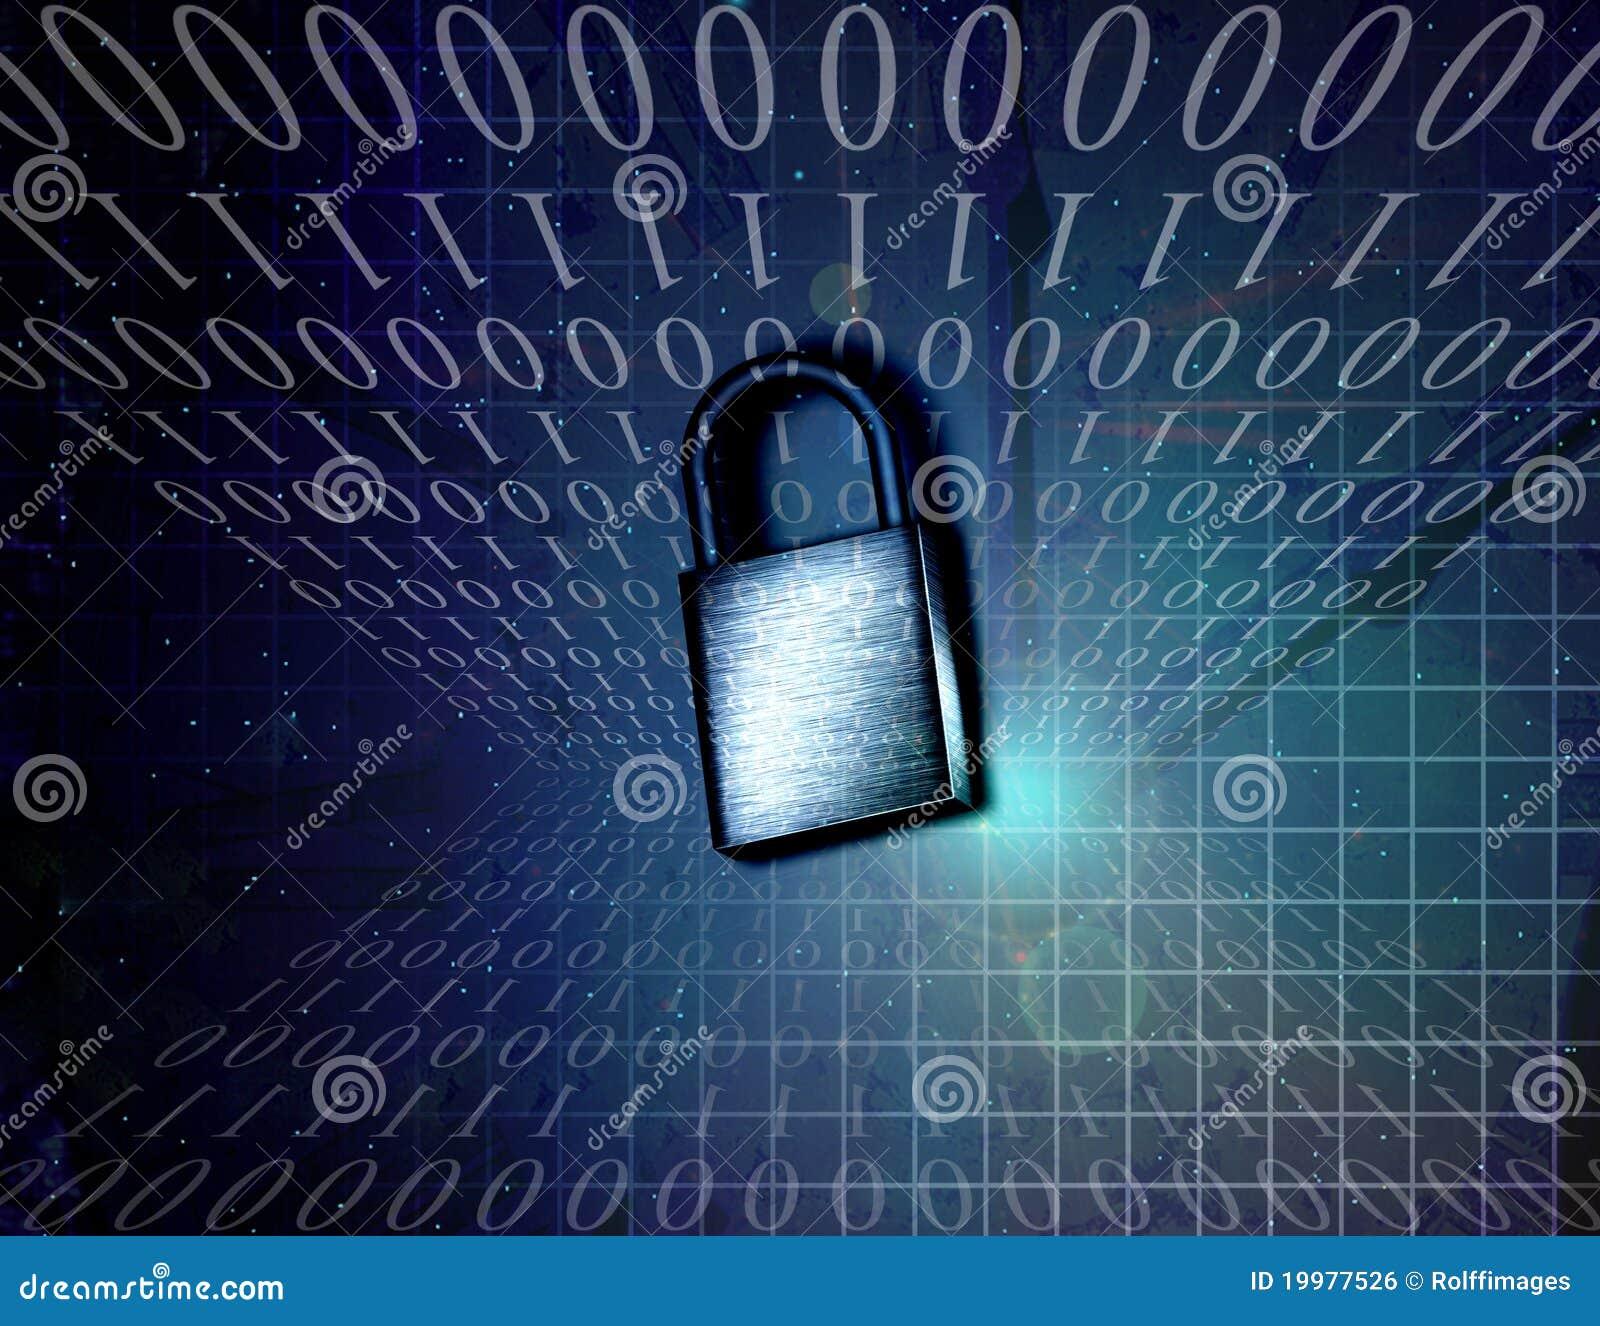 Verwante zoekopdrachten voor How to hack free internet conne…